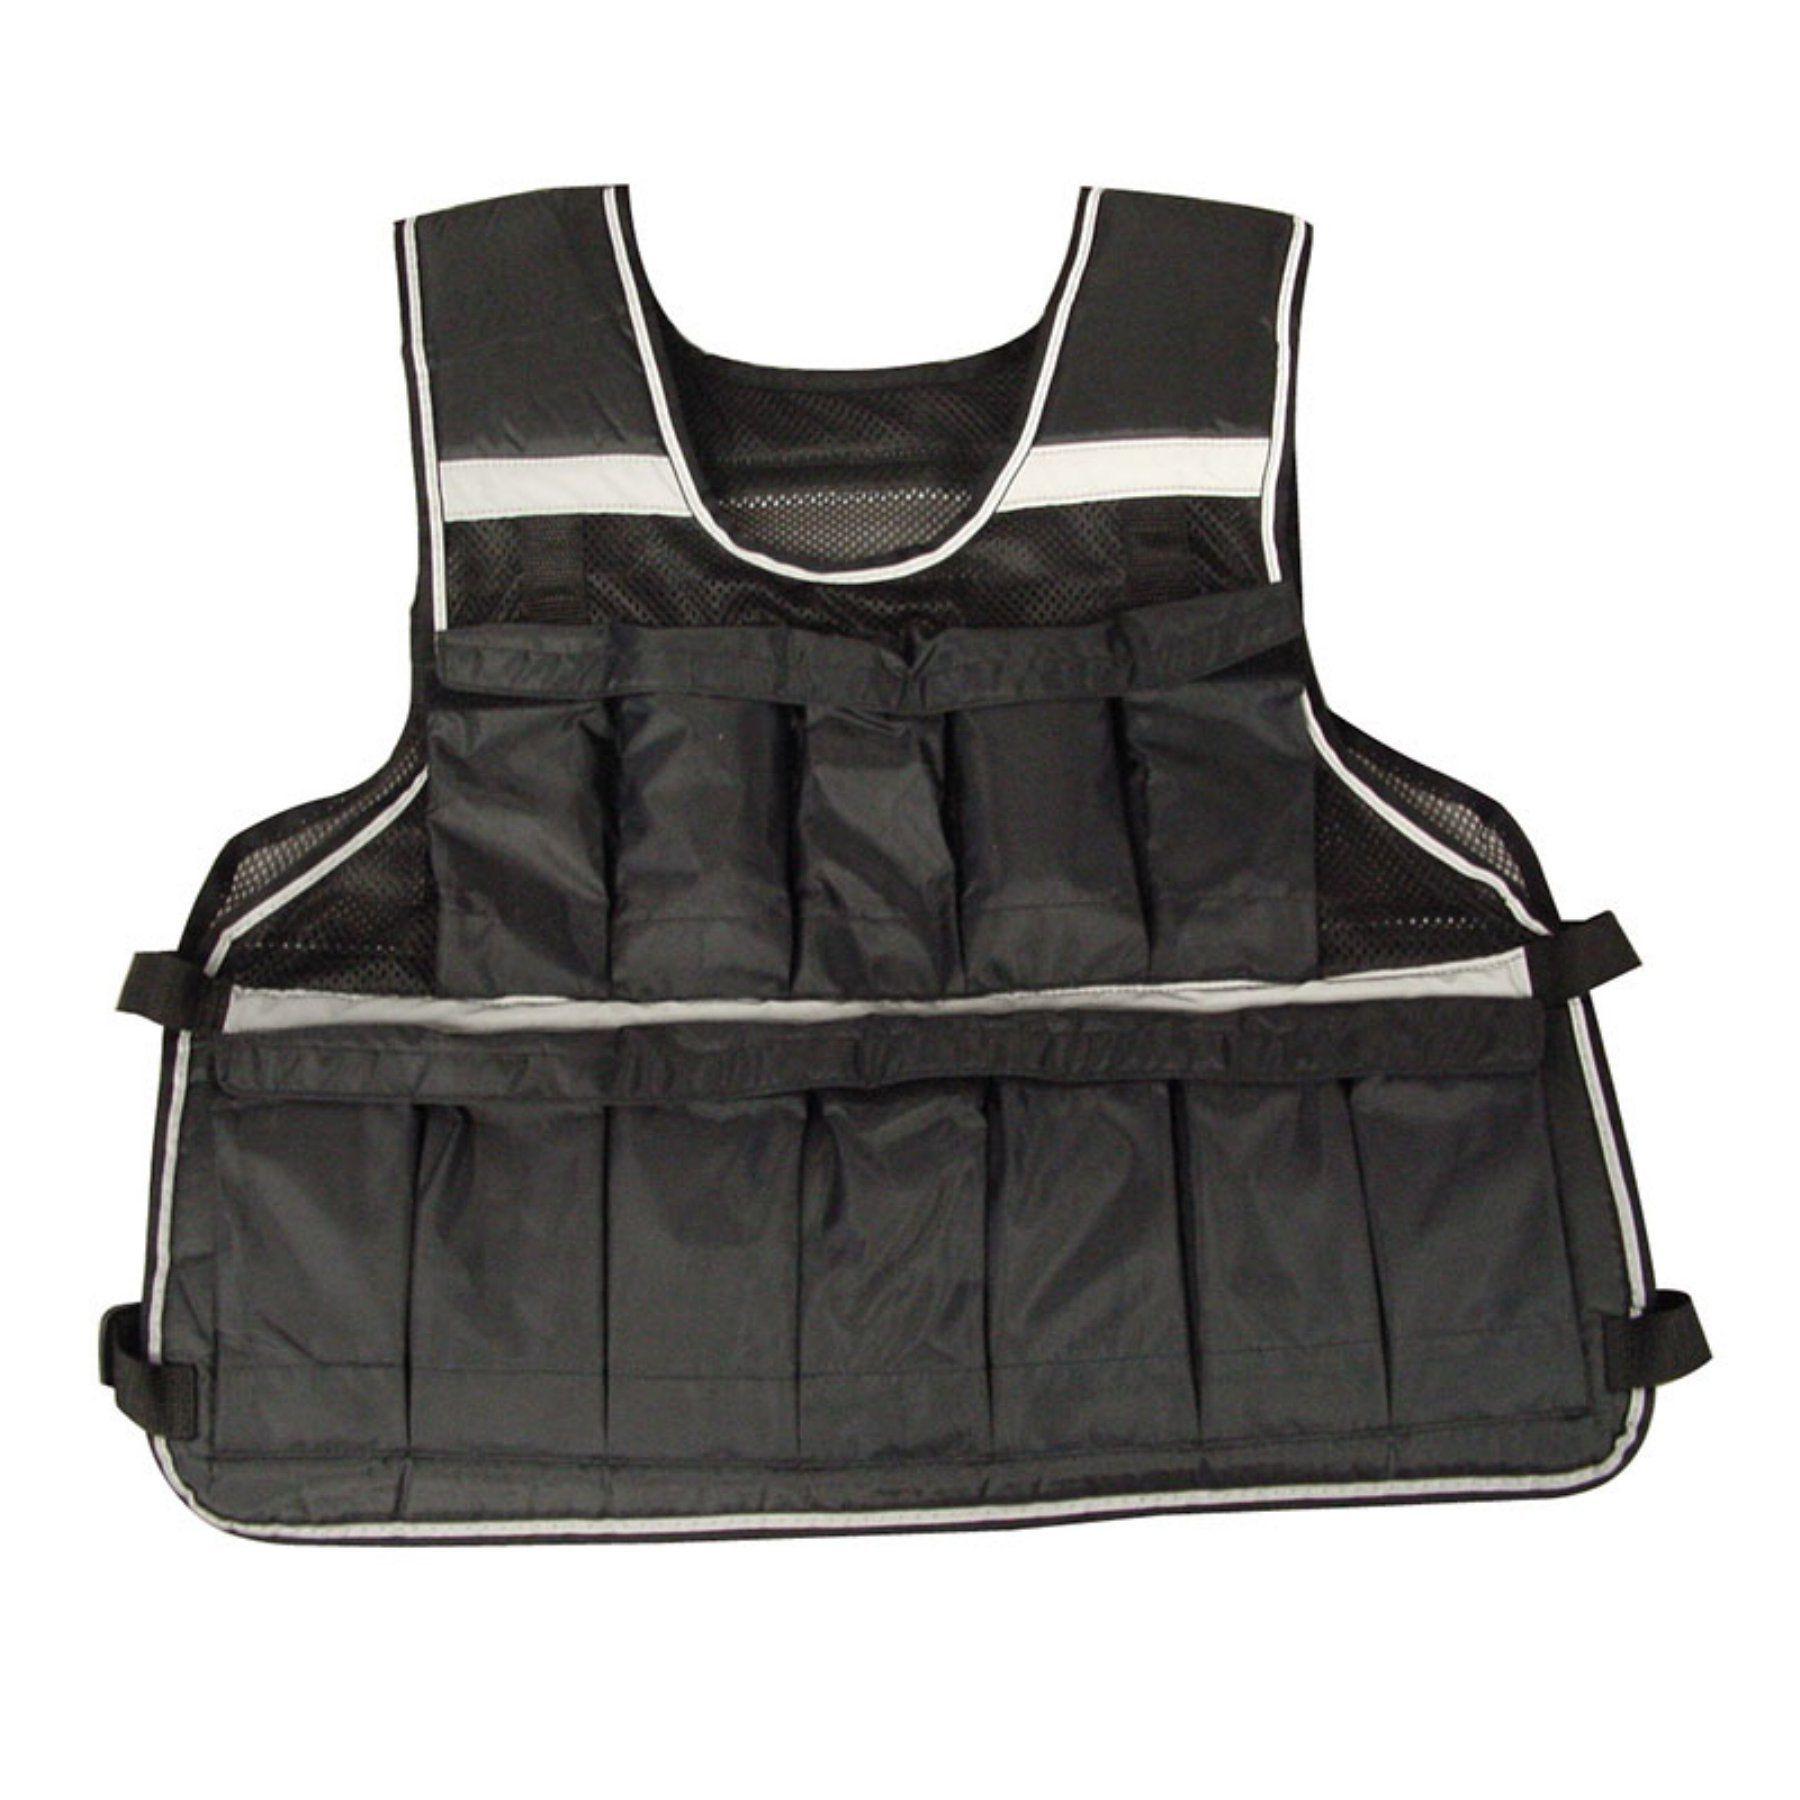 Weider 20 lbs. Weighted Vest WWV11 Weighted vest